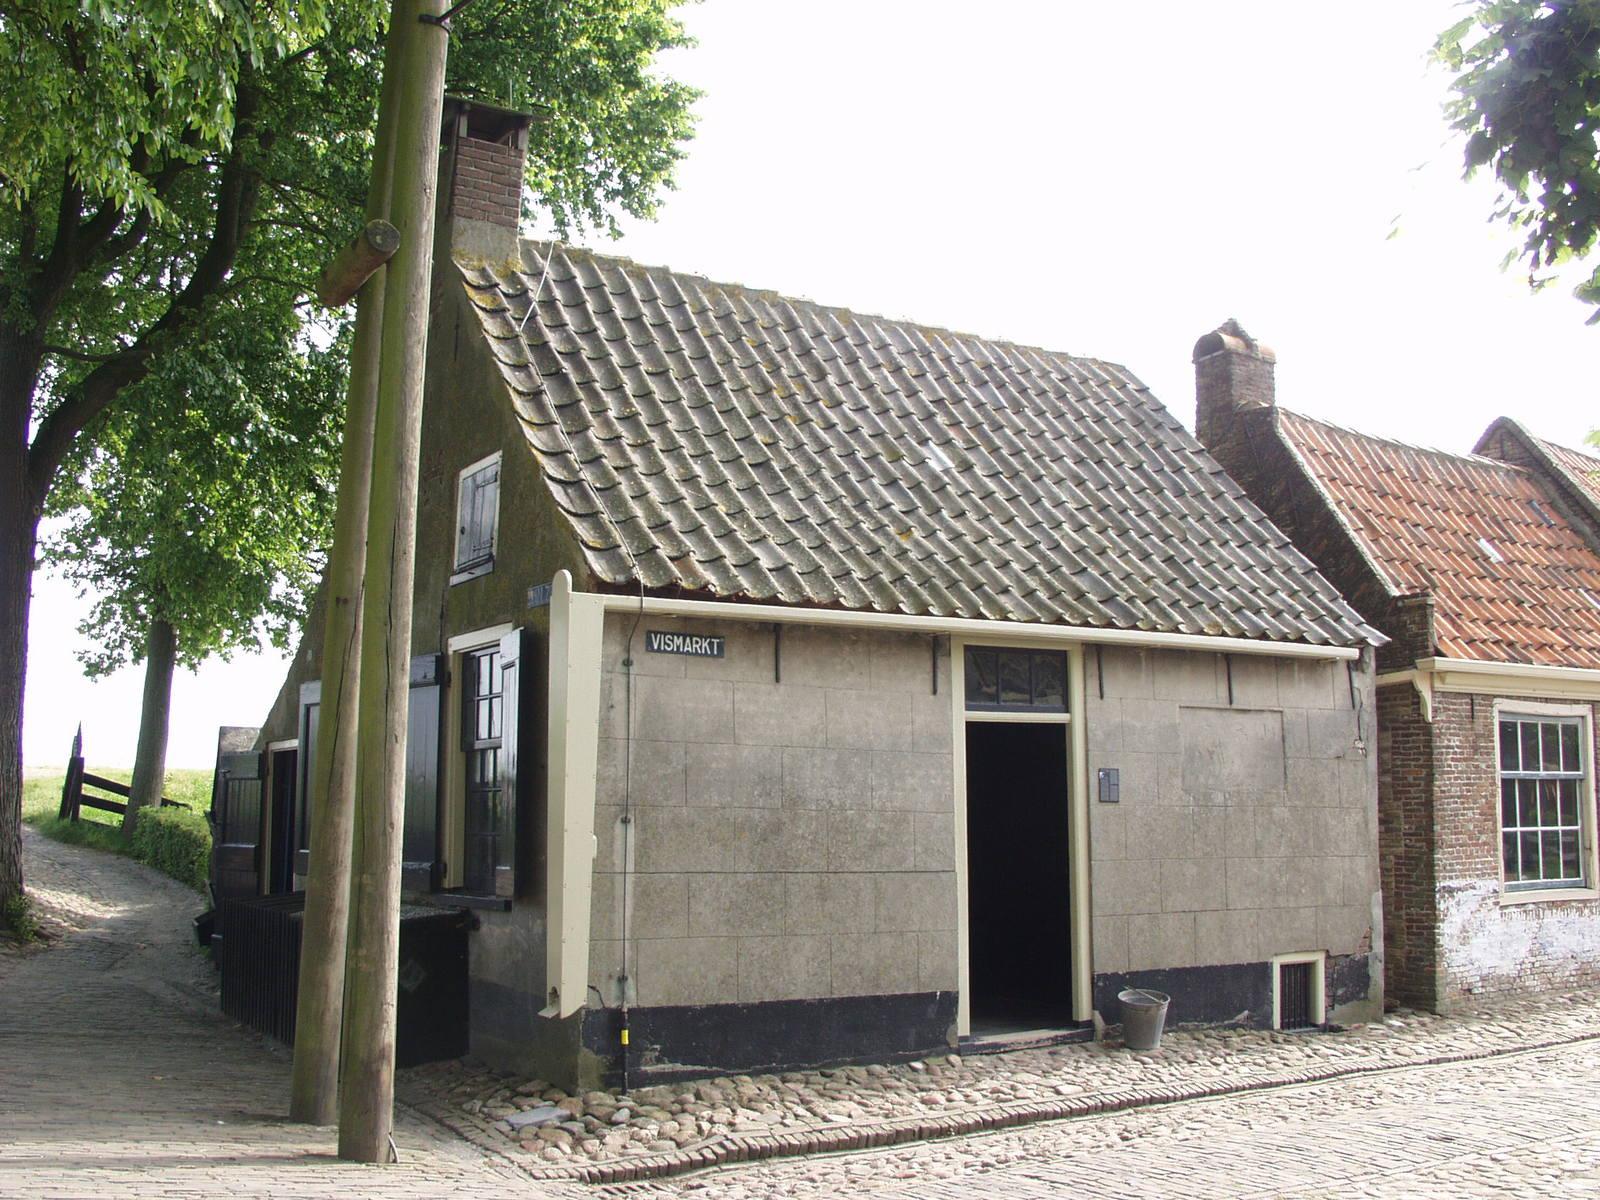 Woonhuis Frederik Kroes